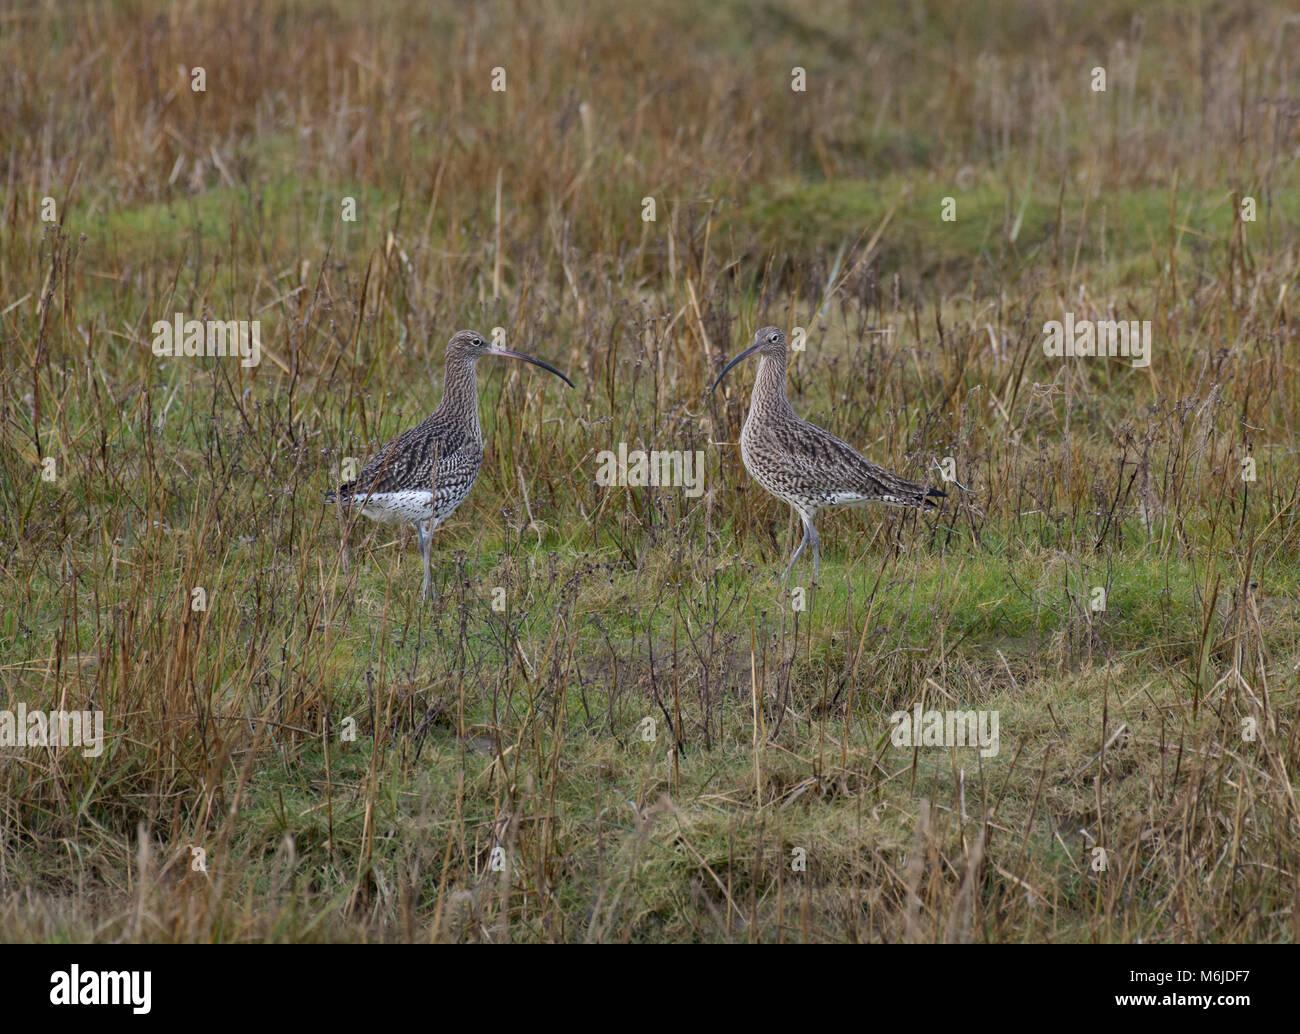 Two Curlew, Numenius arquata, foraging in salt marsh, Morecambe Bay, Lancashire, UK Stock Photo